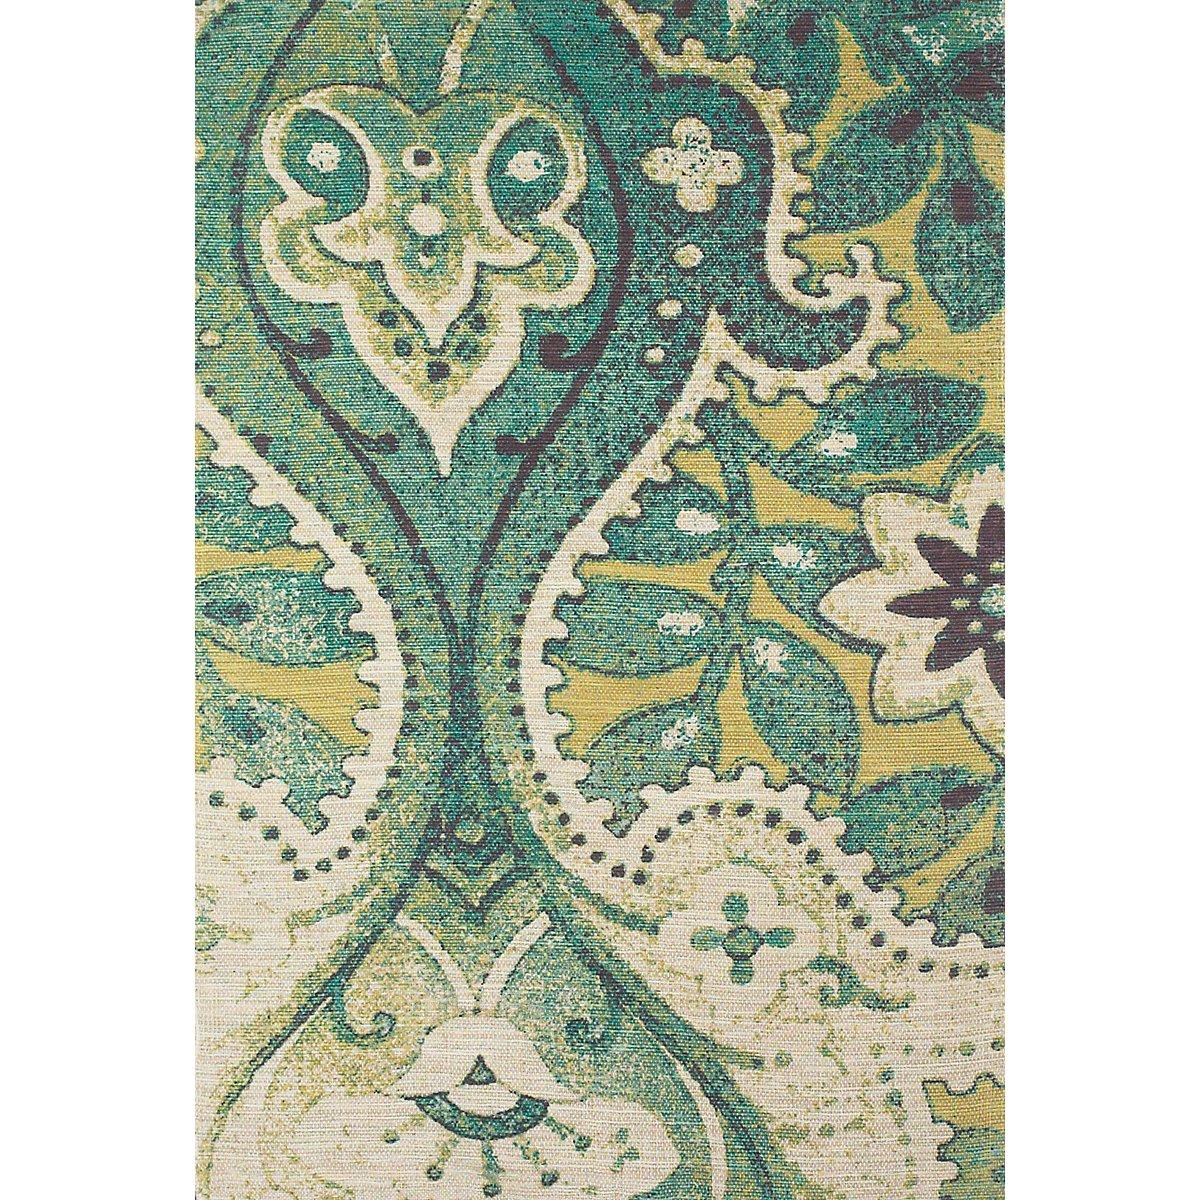 teal area rug 5x8